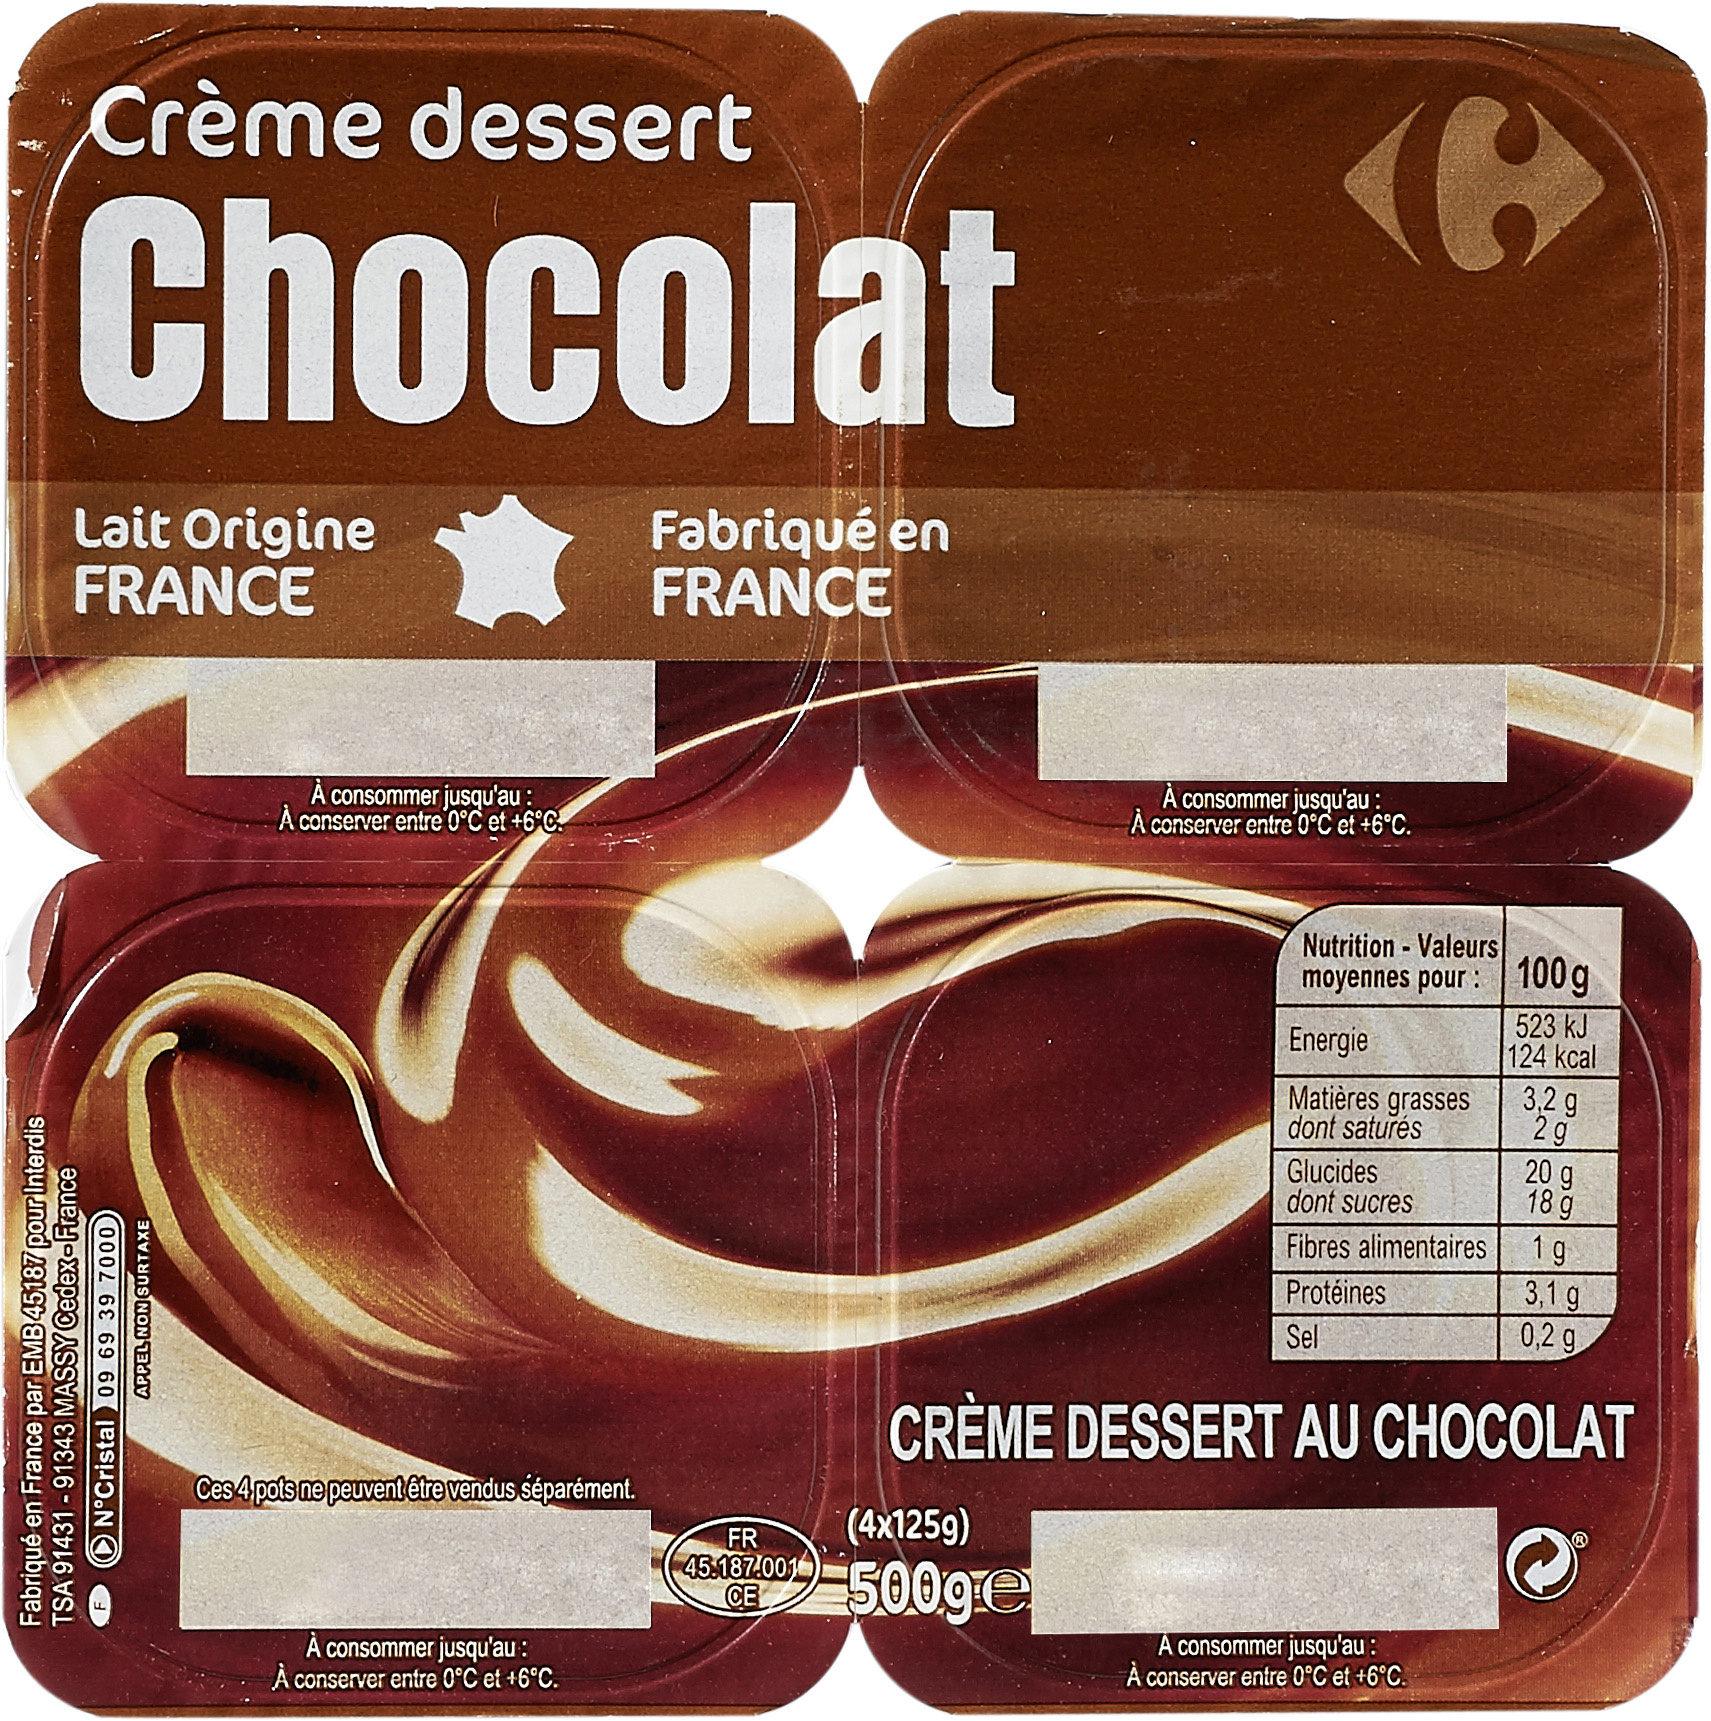 Crème dessert au chocolat - Product - fr